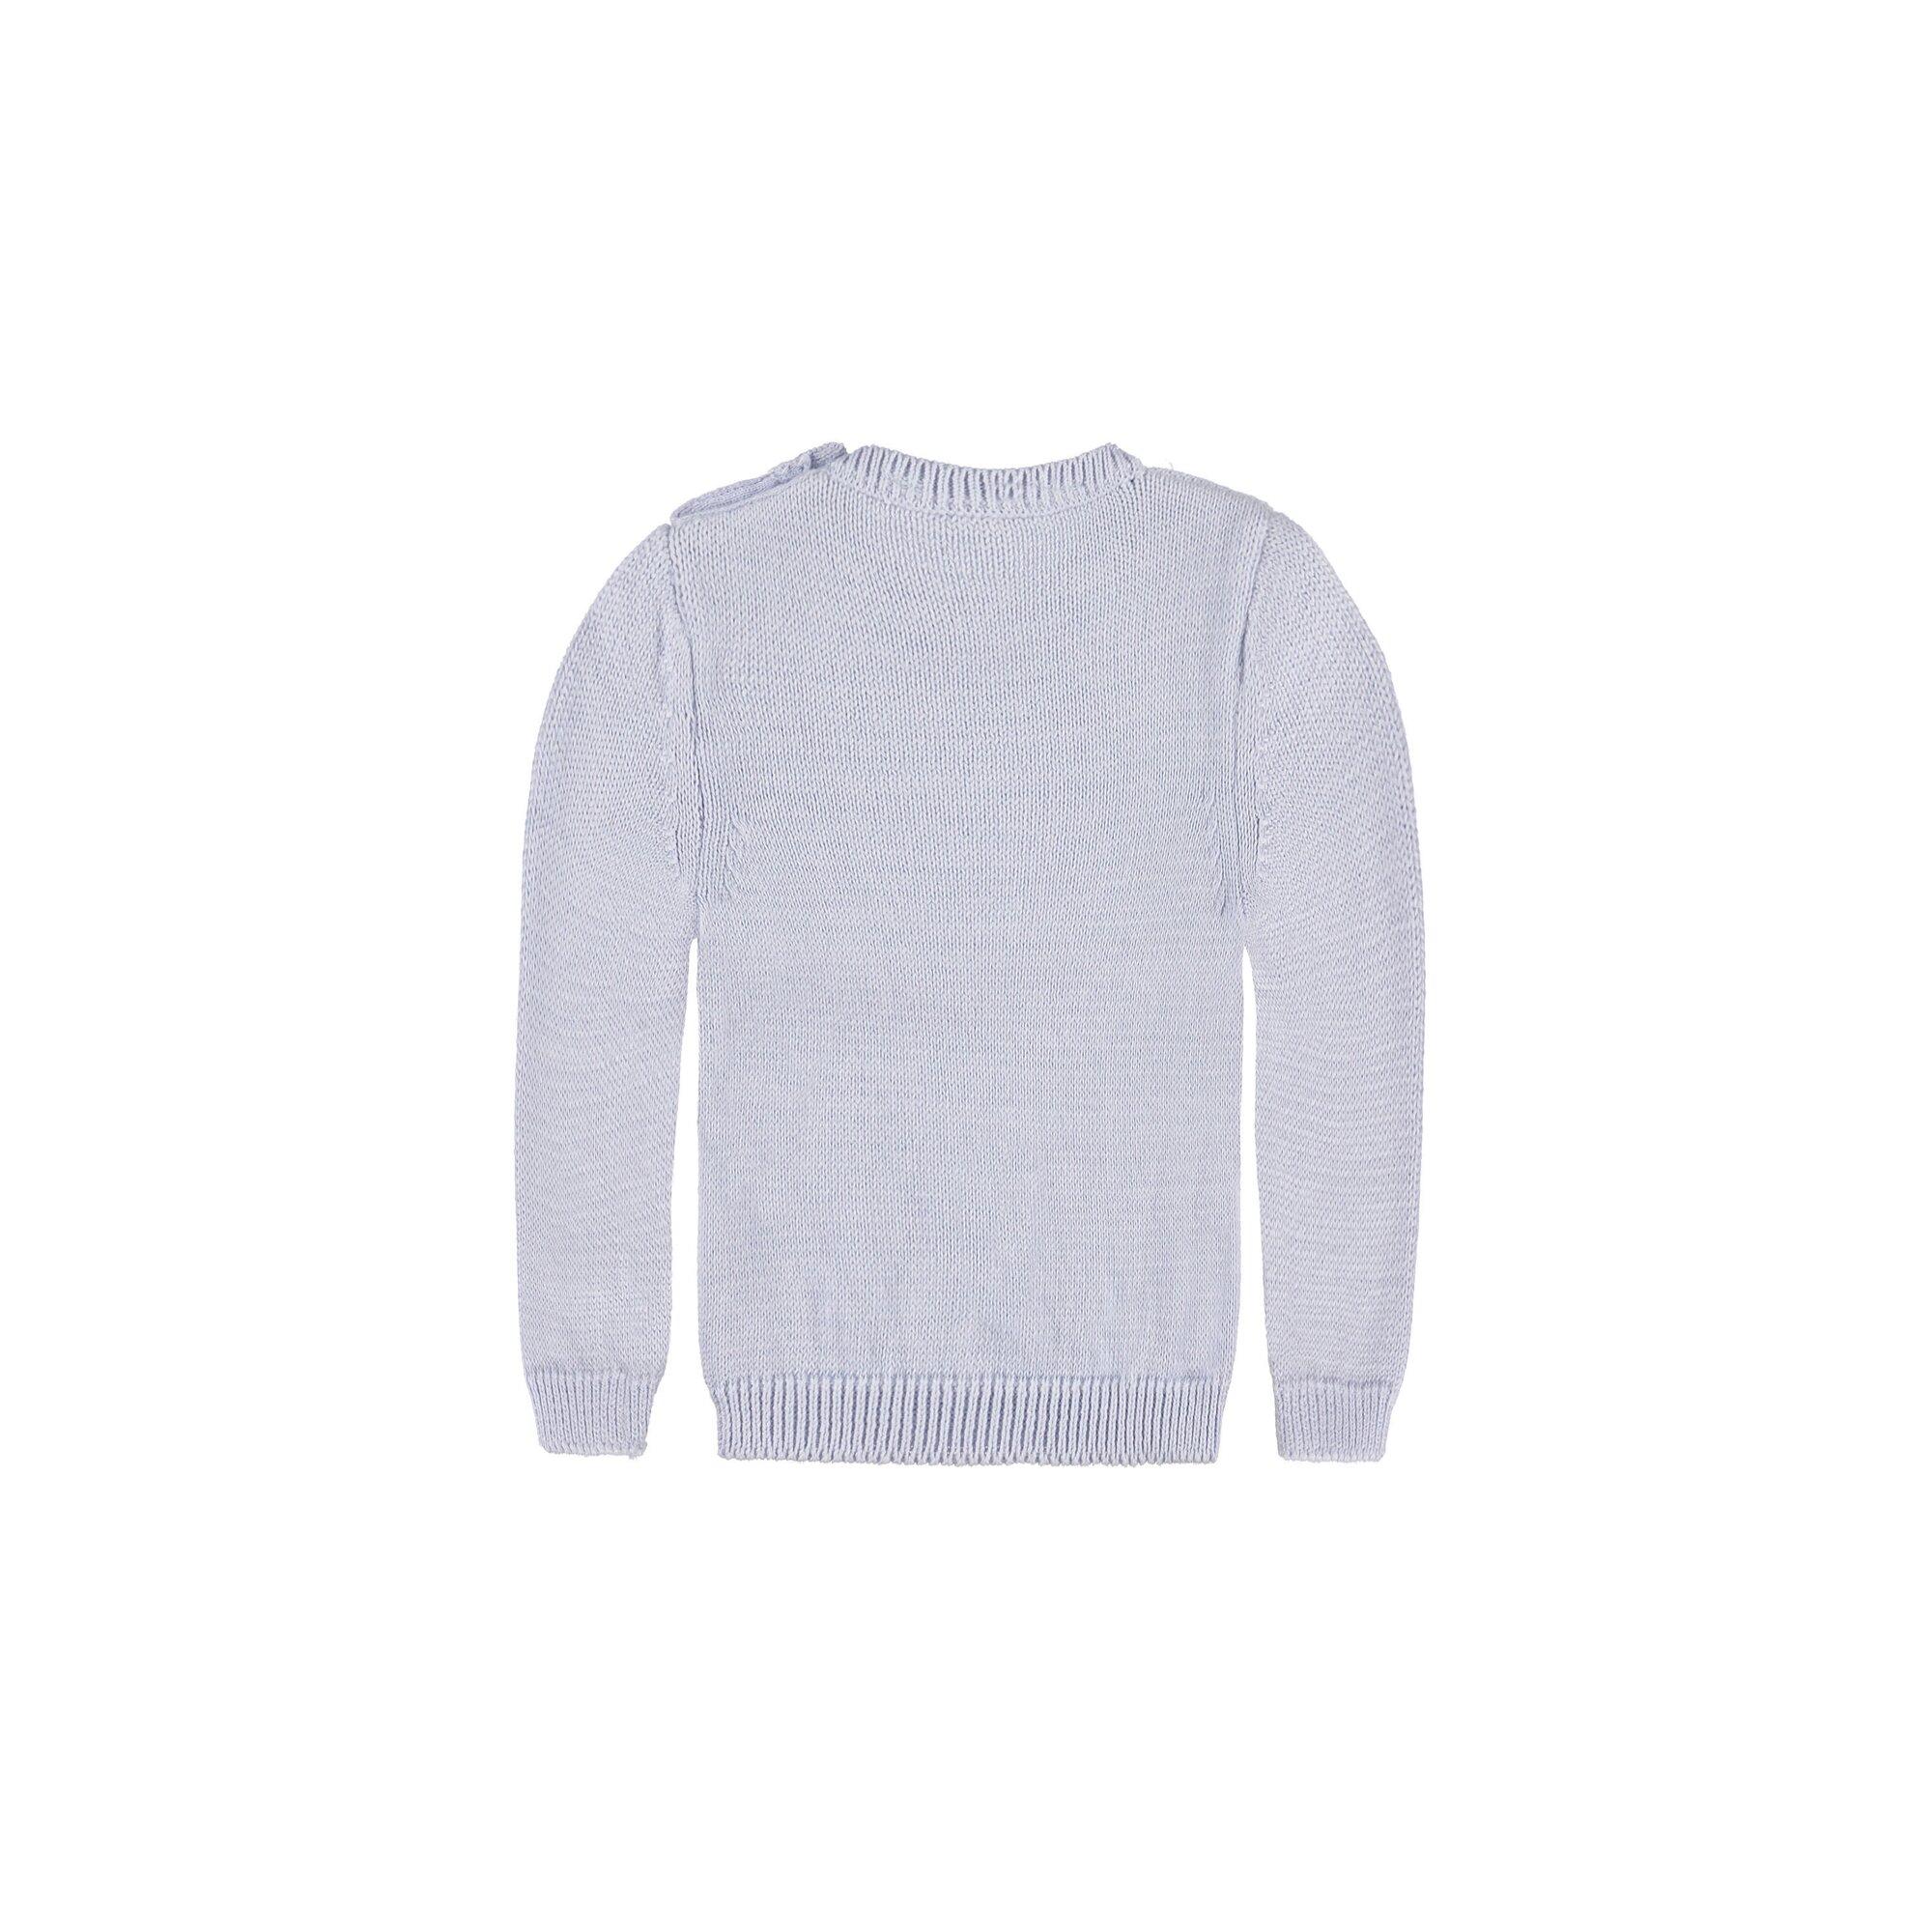 bellybutton-baby-pullover-mit-stern-grau-50-62-68-74-80-86